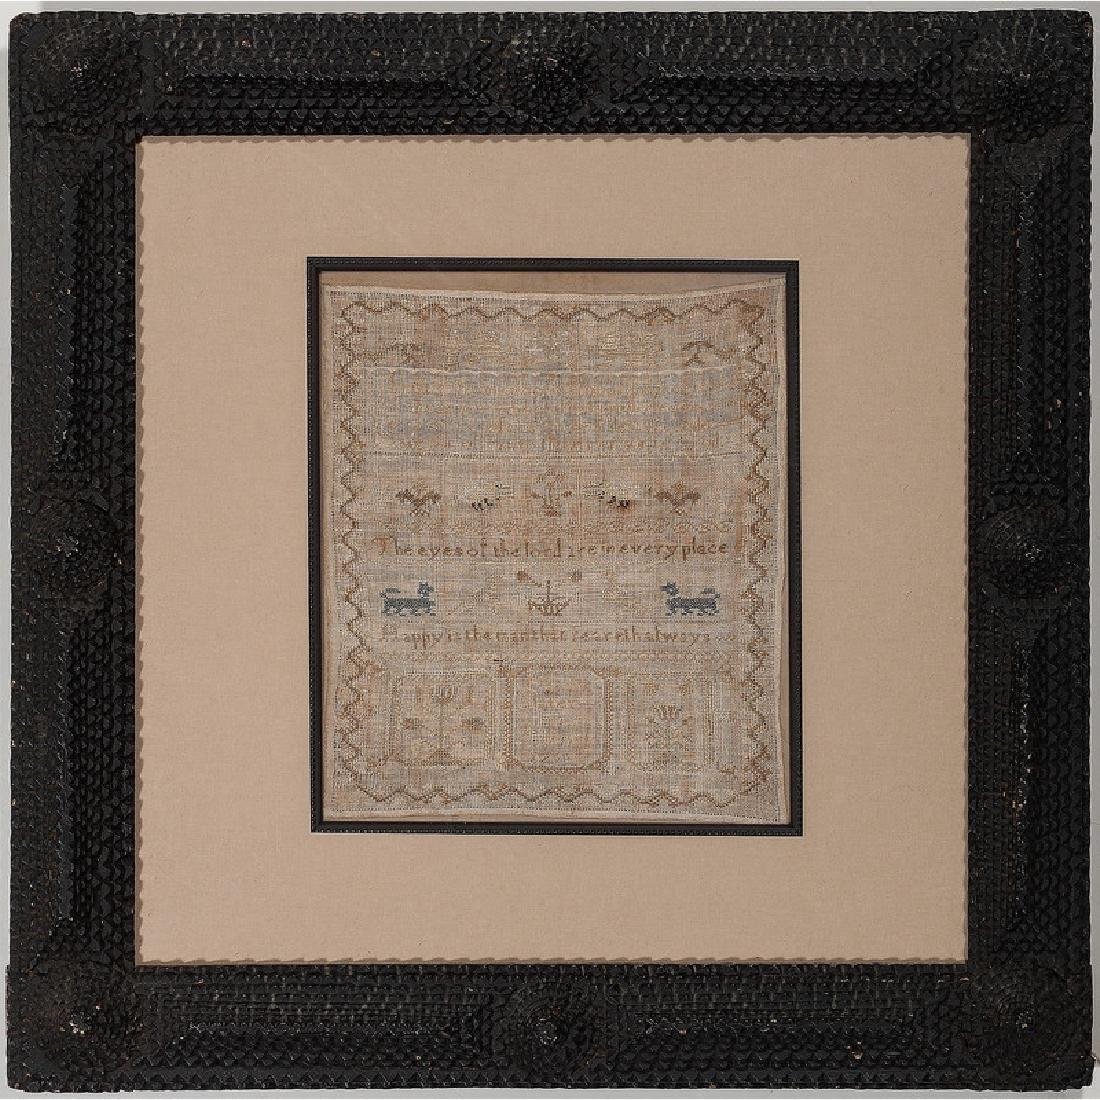 English Sampler in Tramp Art Frame